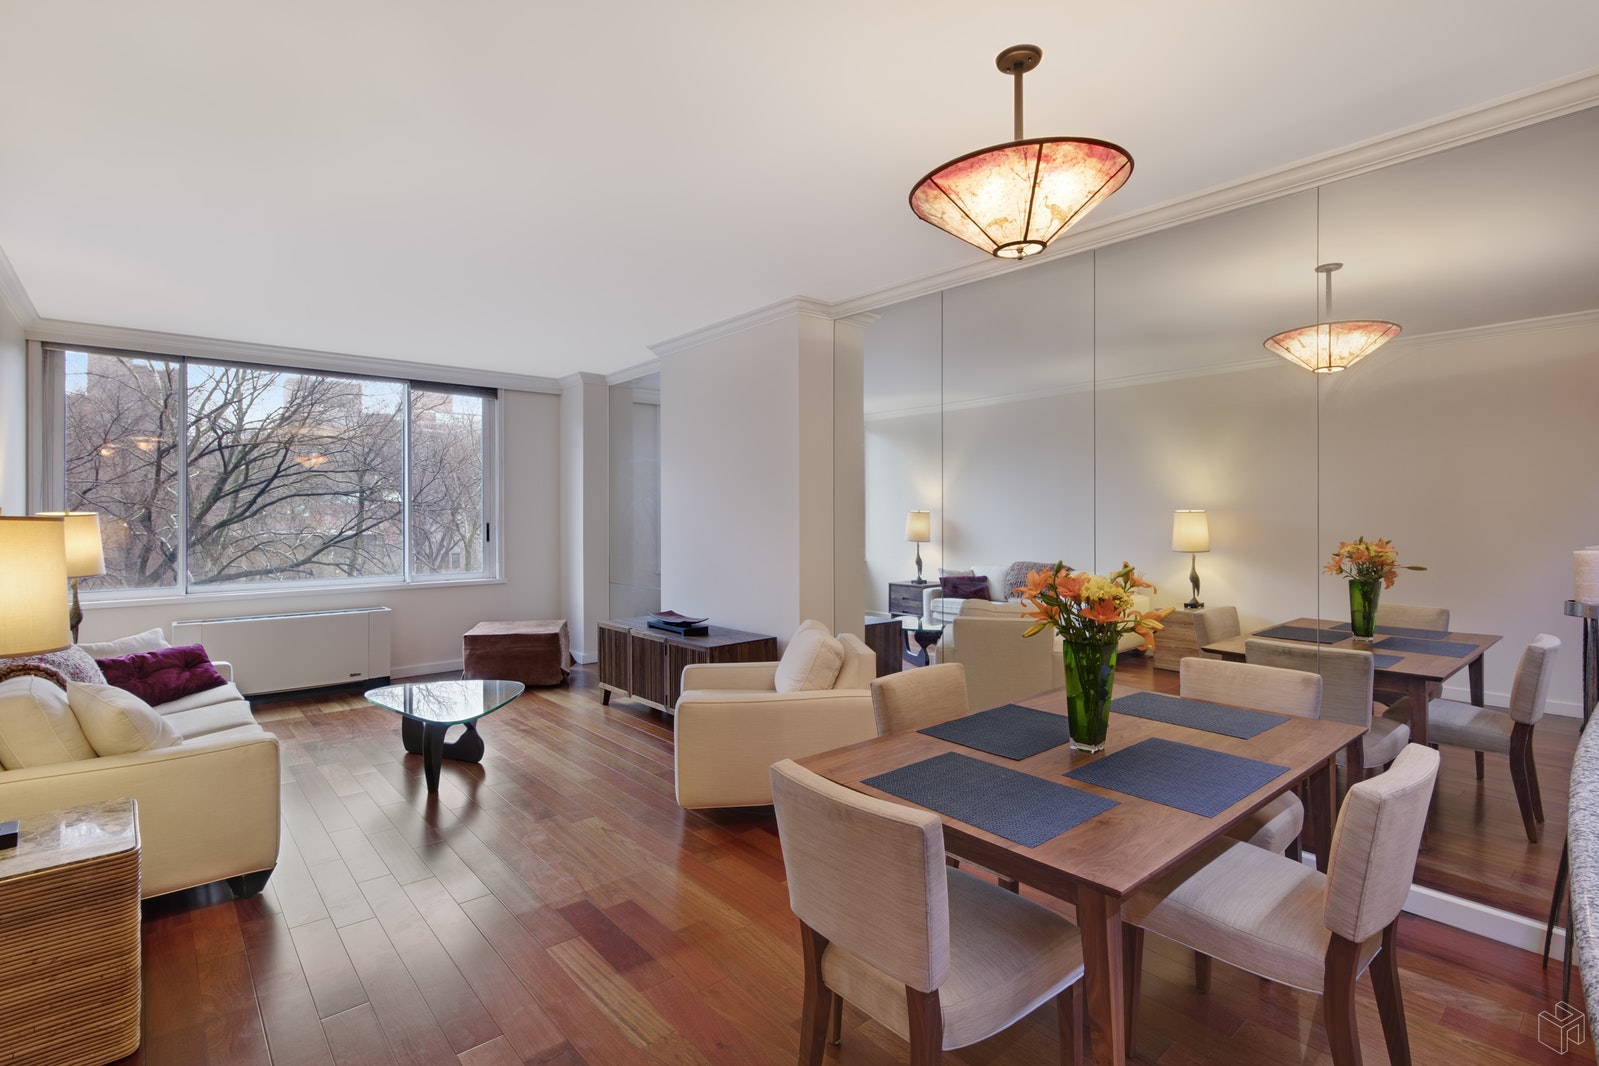 101 WEST 79TH STREET 4E, Upper West Side, $1,375,000, Web #: 18972497